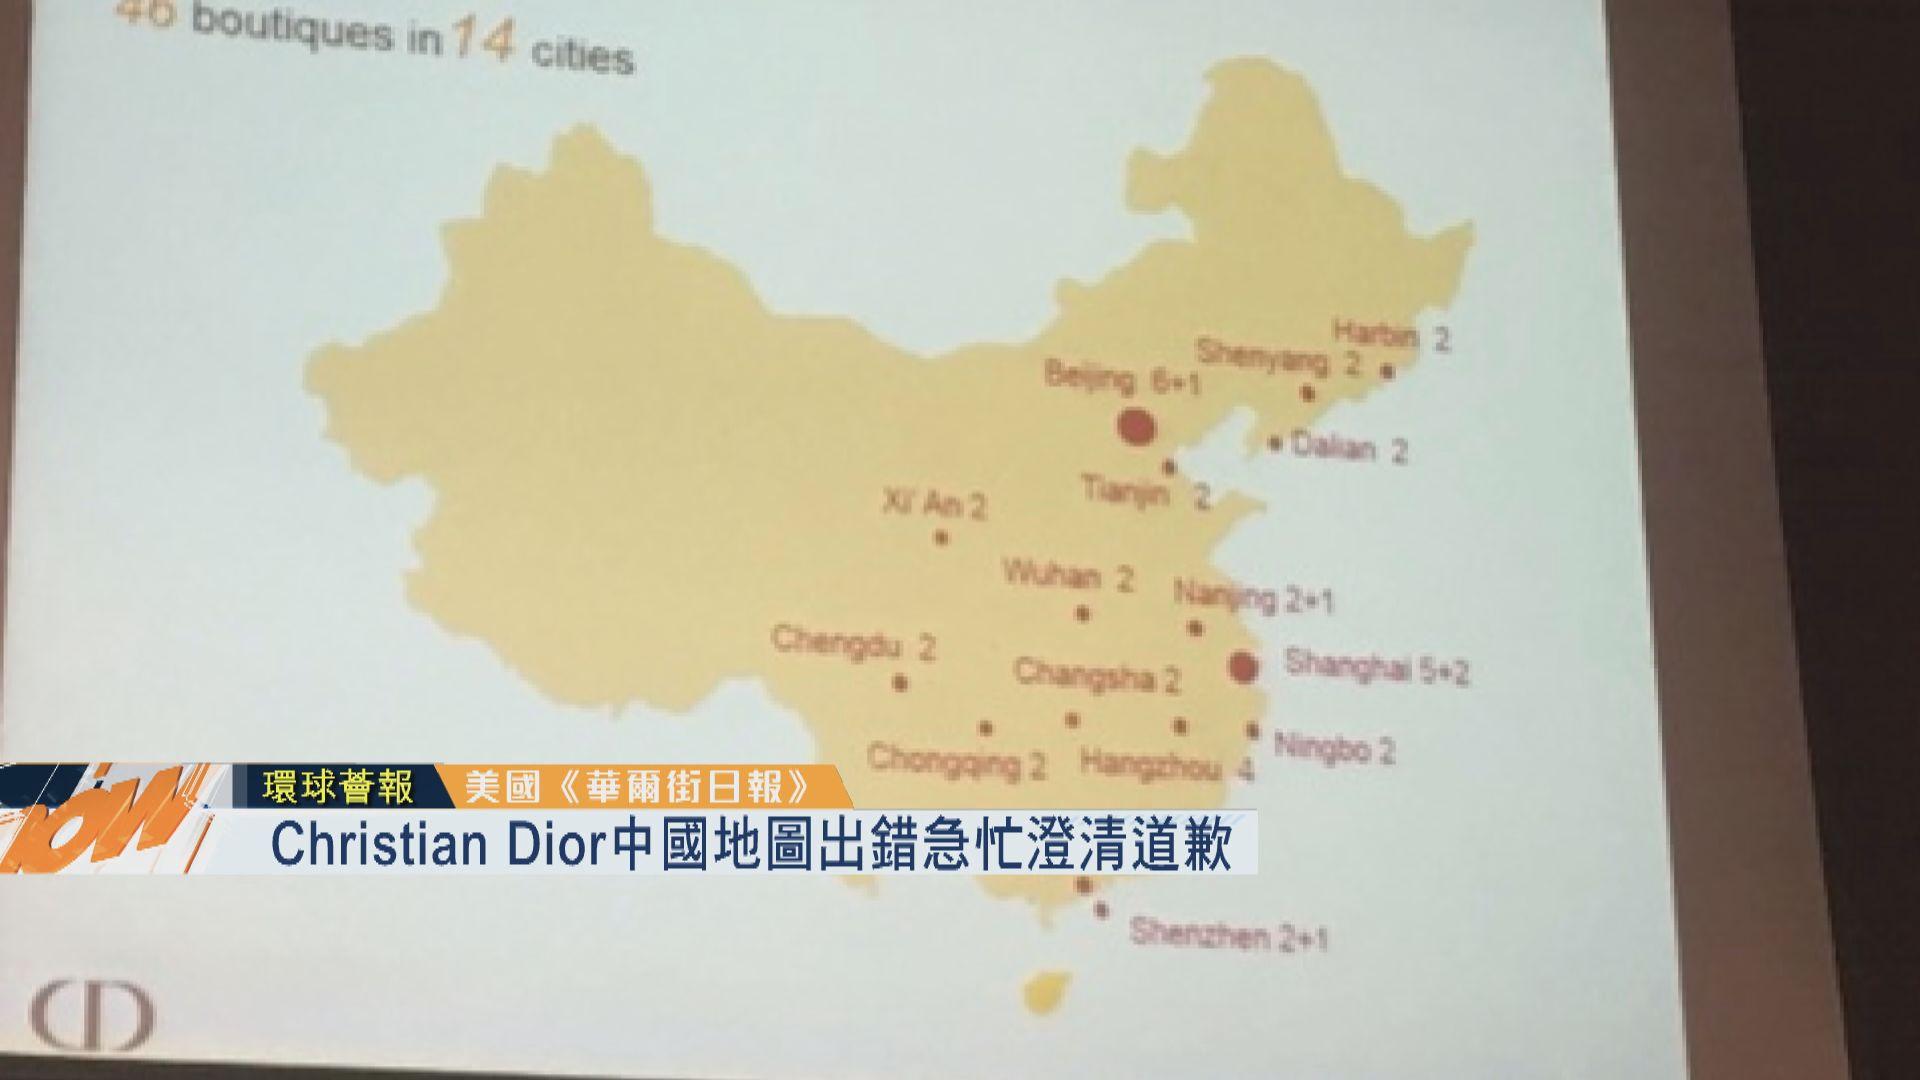 【環球薈報】Christian Dior中國地圖出錯急忙澄清道歉